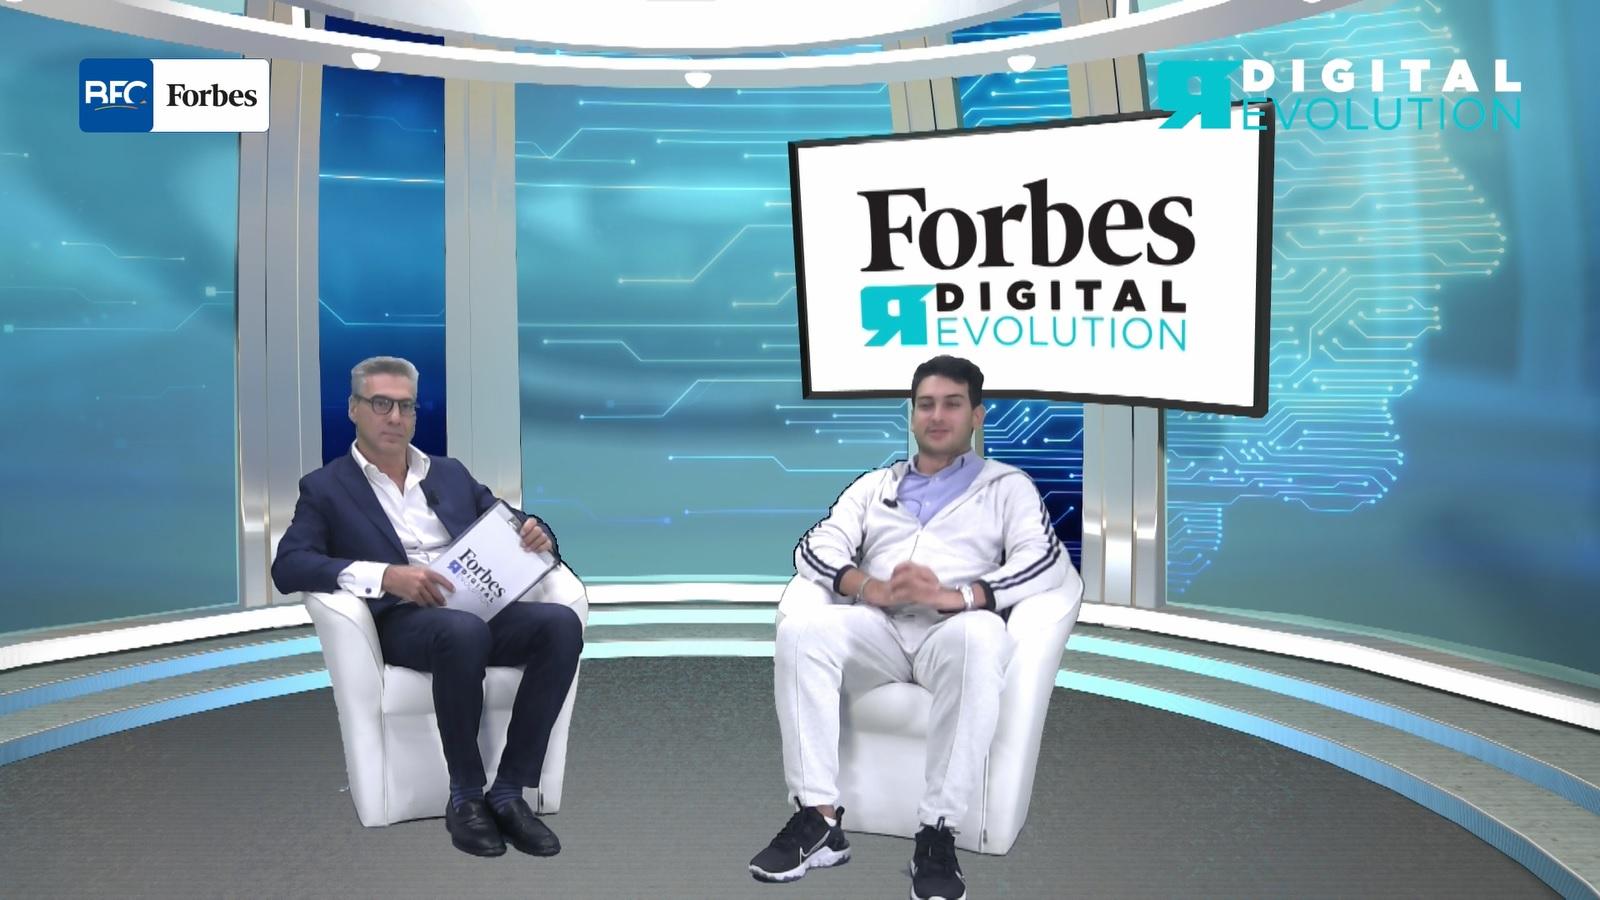 forbes-digital-revolution:-la-nuova-trasmissione-tv-e-partita-parlando-di-artificial-intelligence